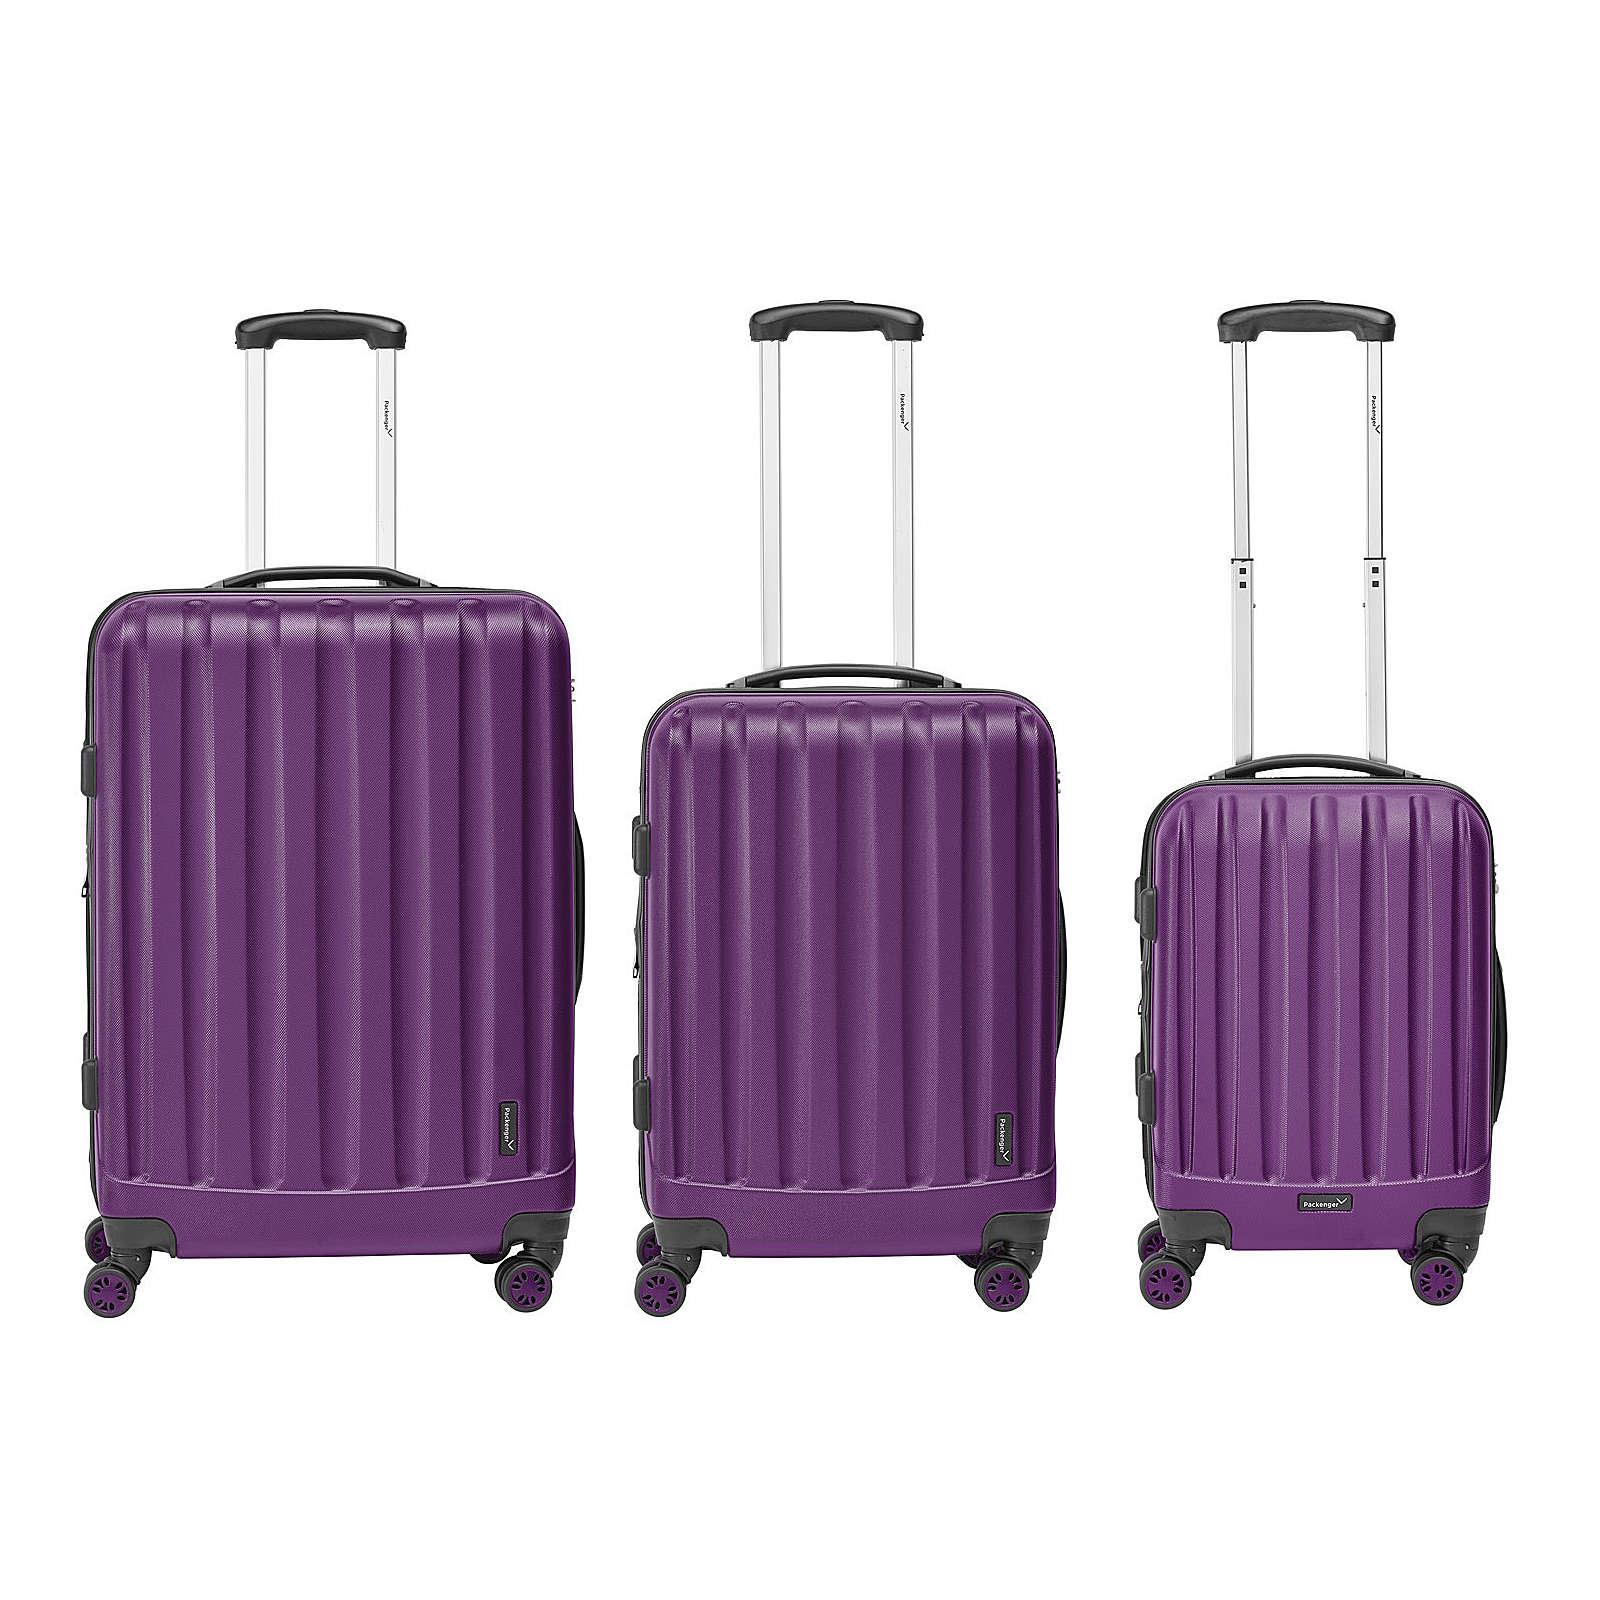 Packenger Kofferset 3er-Set Velvet lila